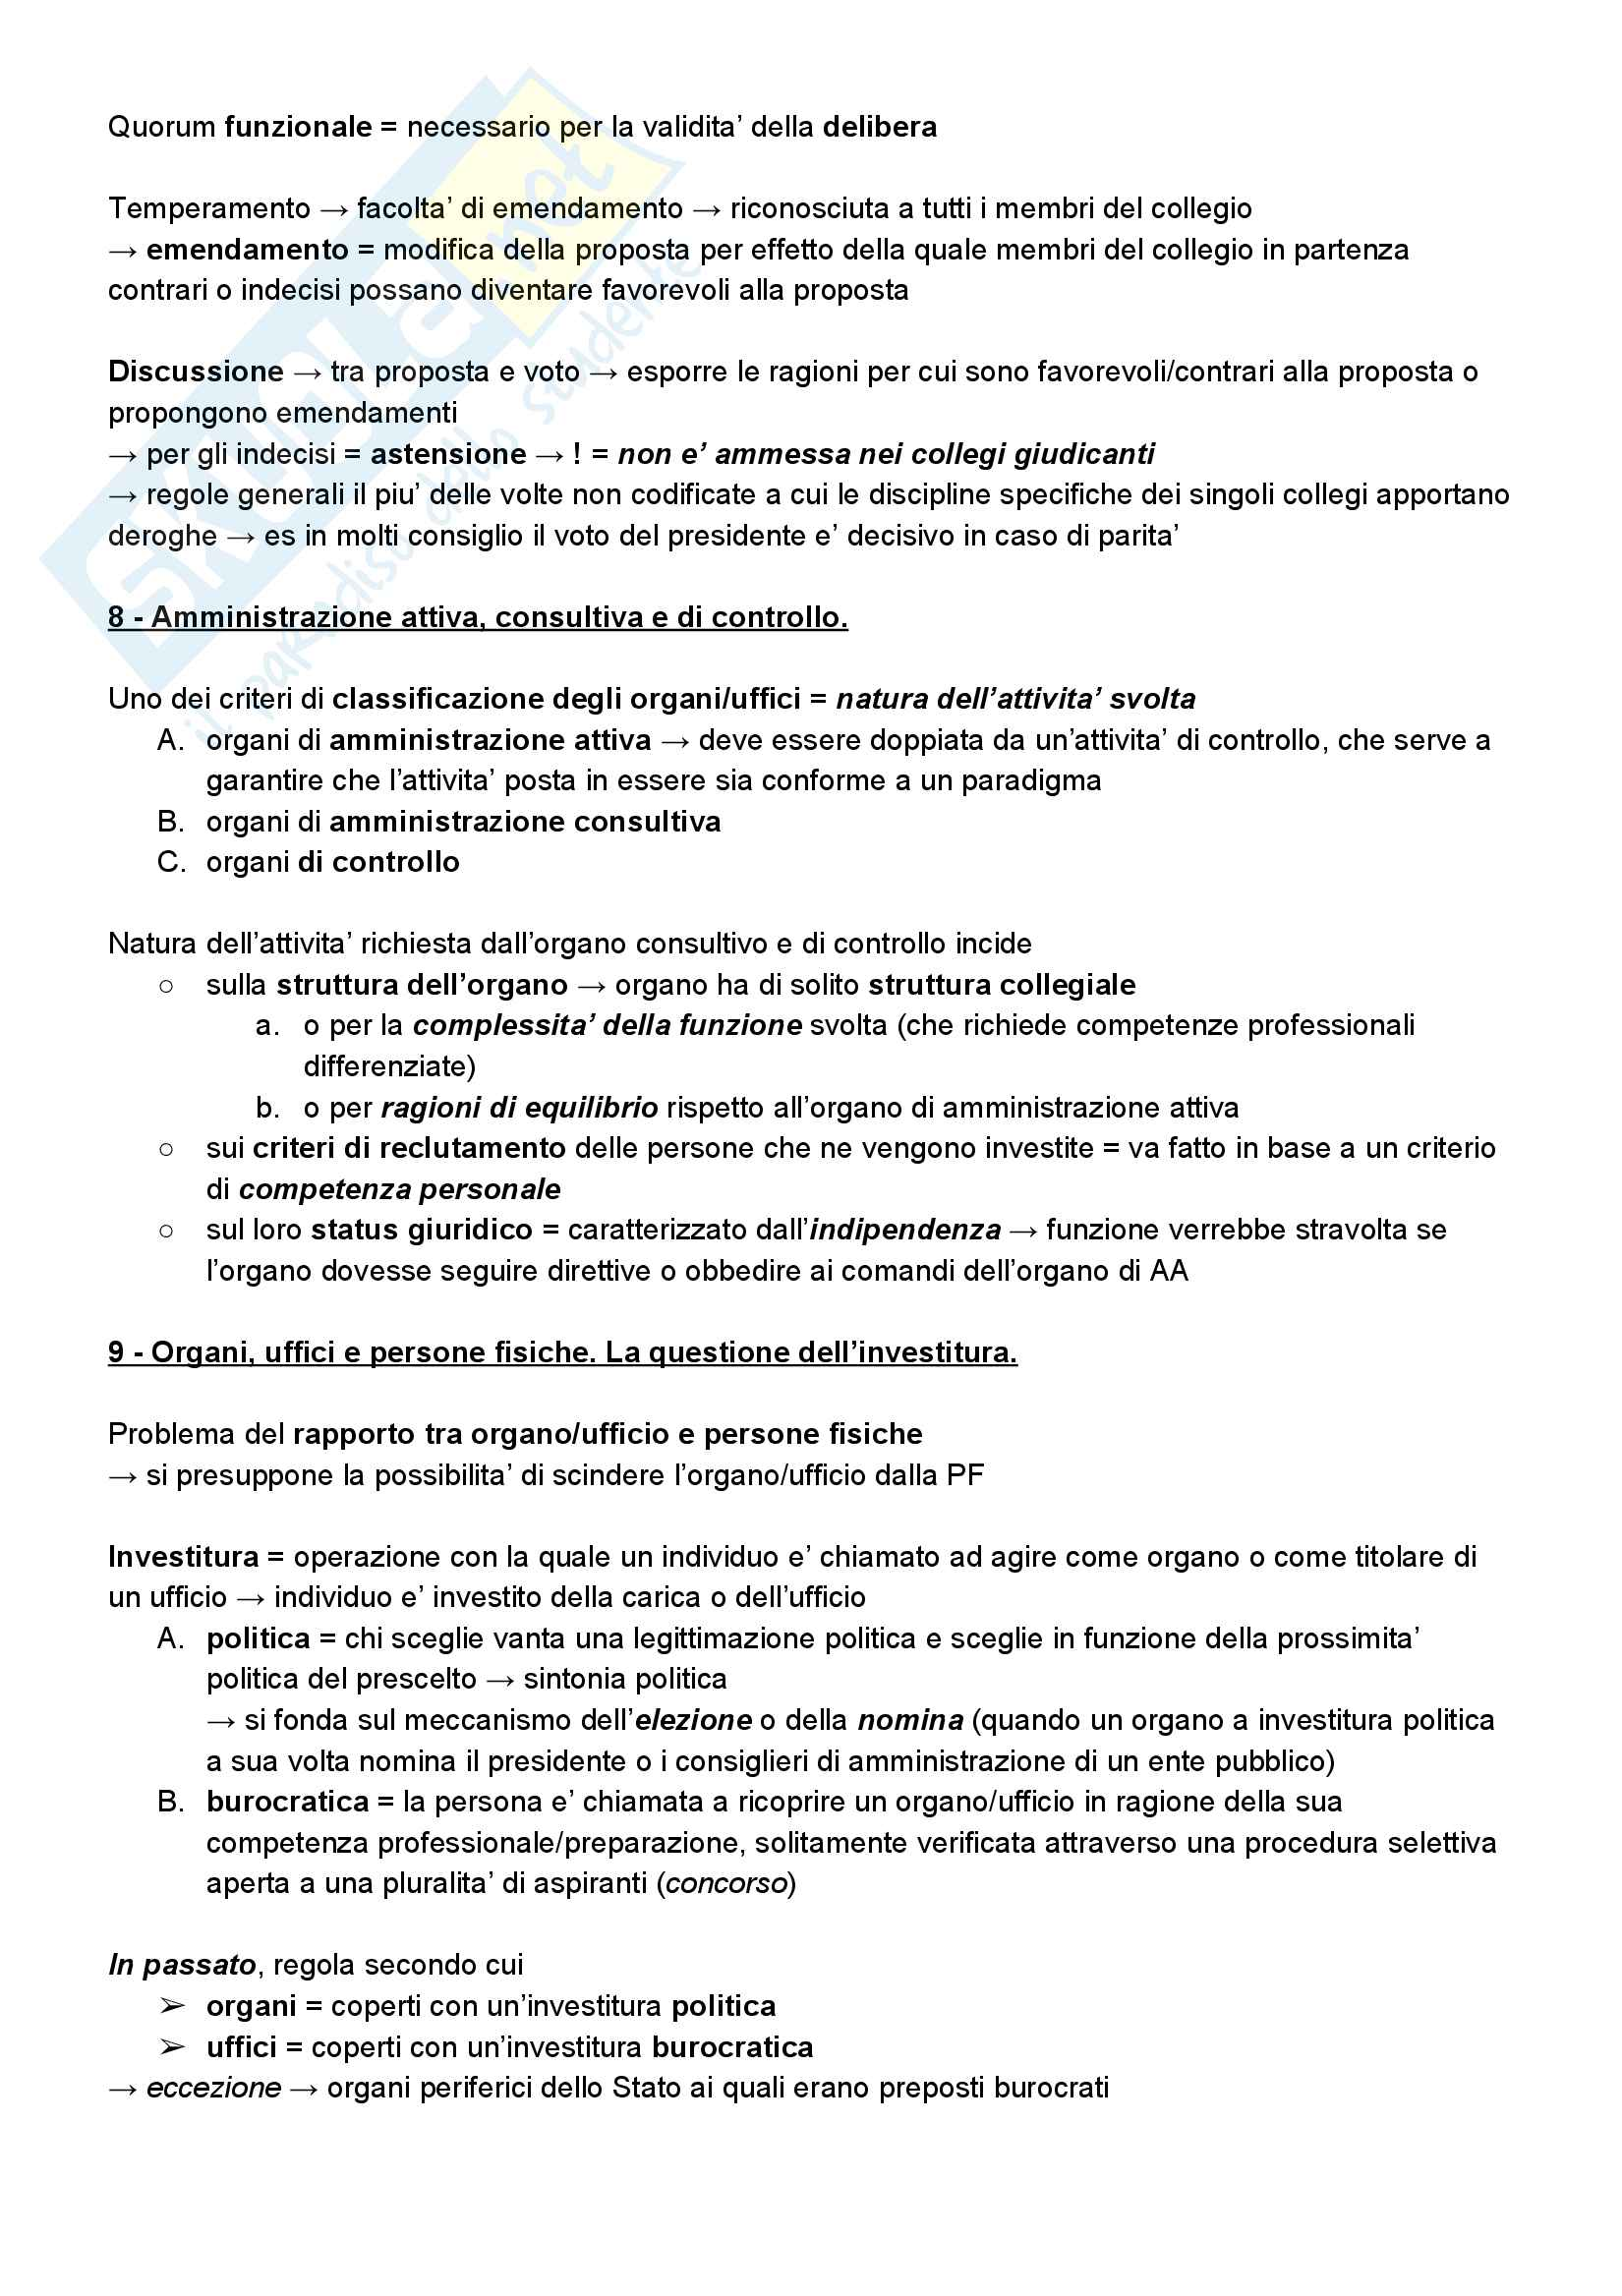 Riassunto esame diritto amministrativo, prof. Barbara Marchetti (UniTn), libro consigliato Manuale di Diritto Amministrativo, Guido Corso, ultima edizione, AA. 2016/2017 Pag. 6